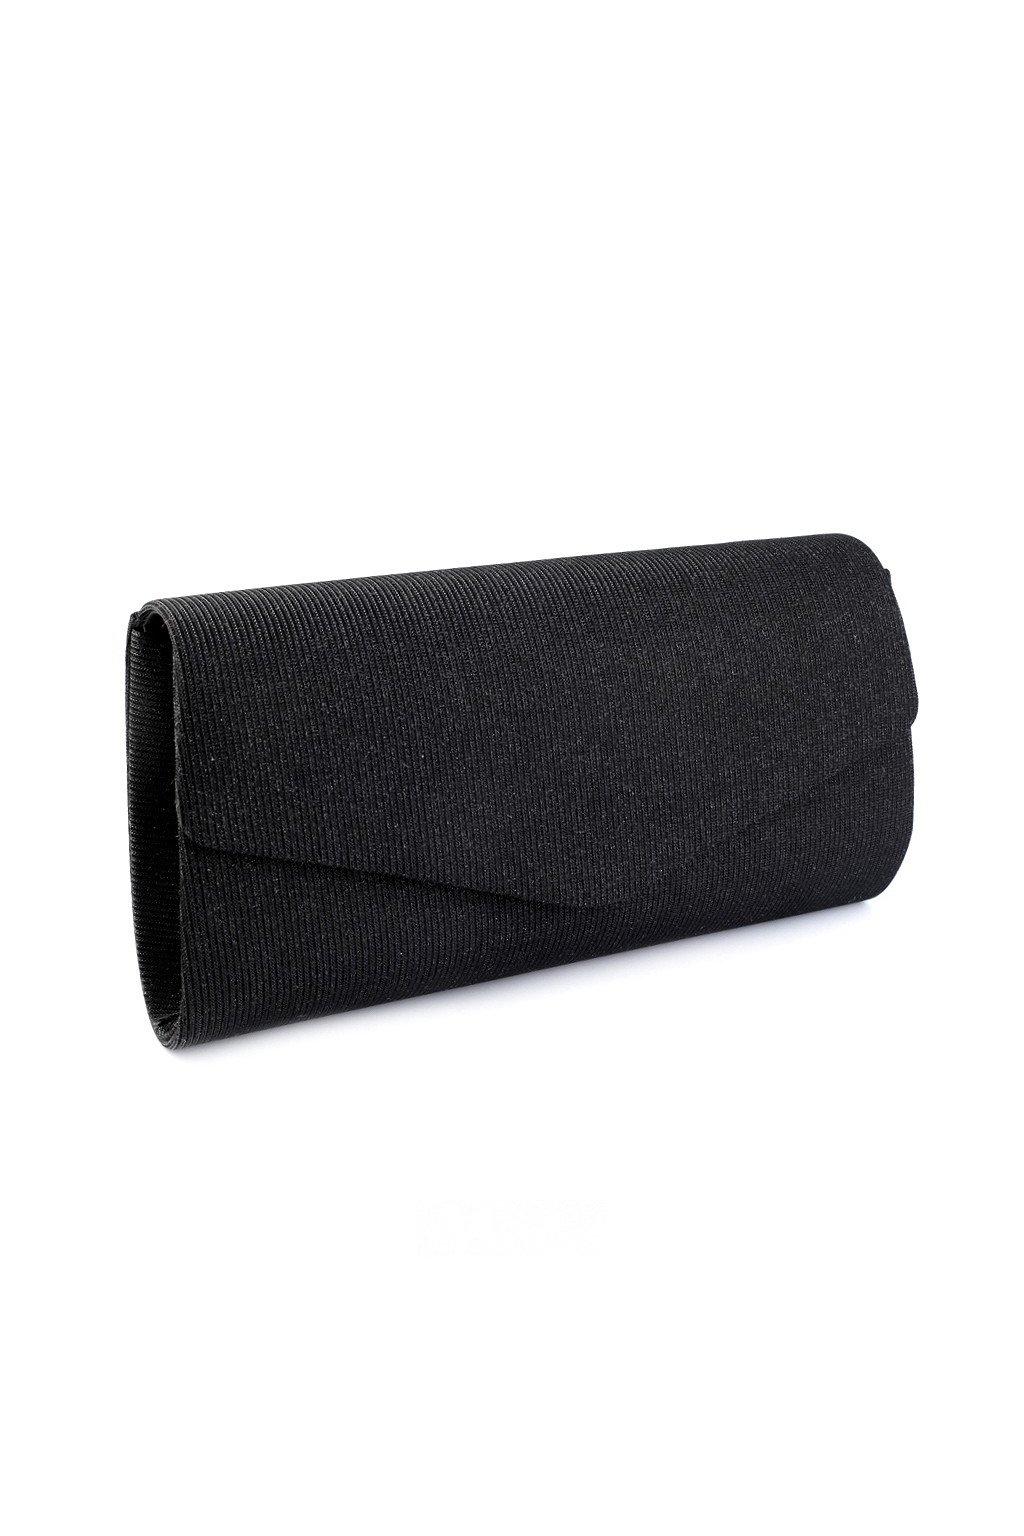 Psaníčko kabelka černé s lurexem